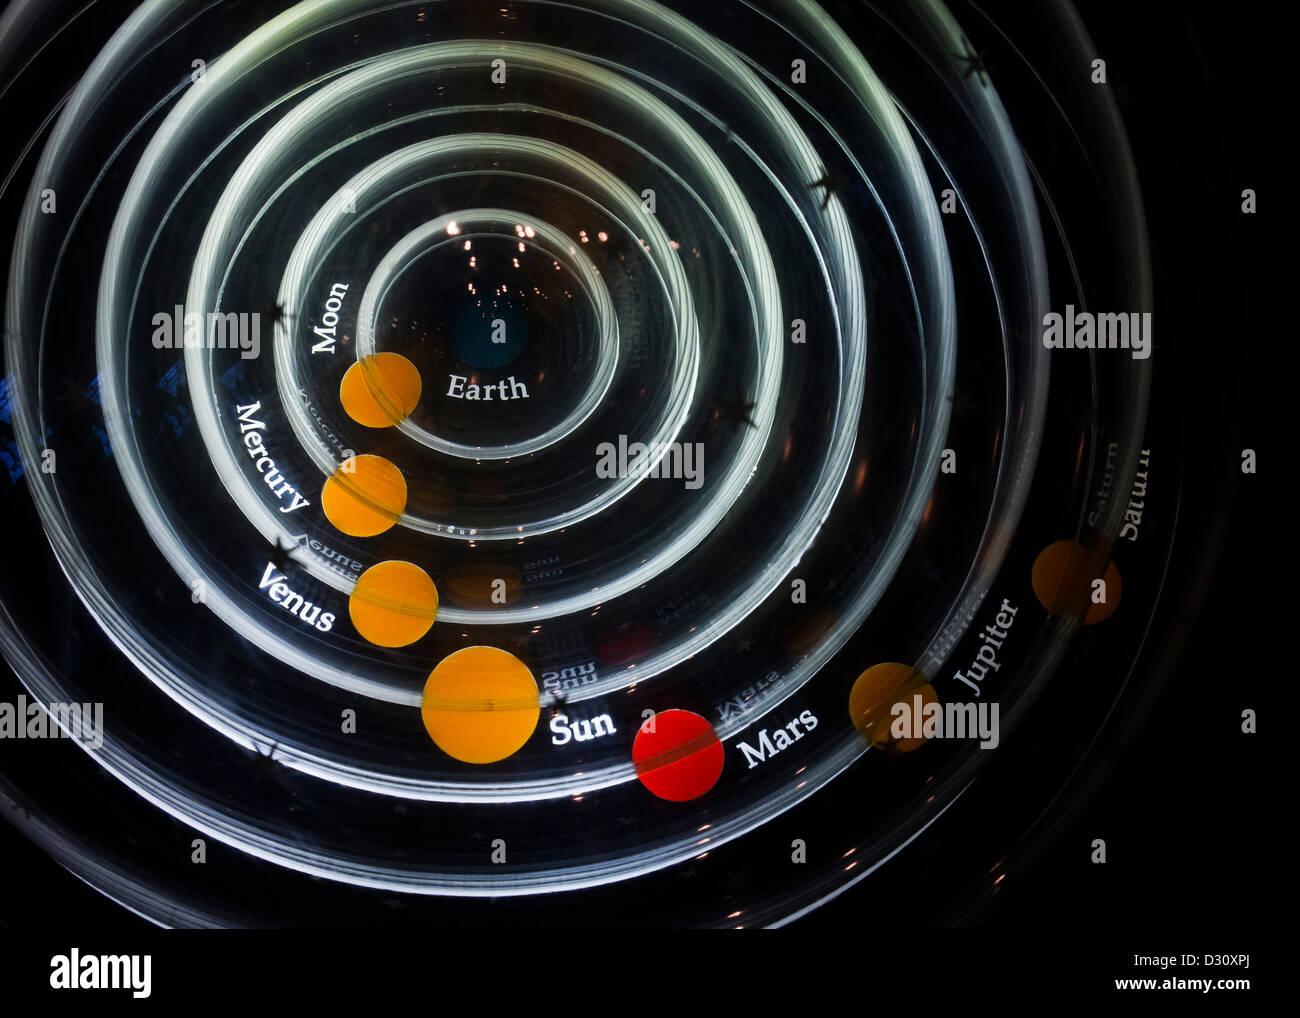 Modello di centrate sulla terra sistema solare (modello geocentrica) Immagini Stock